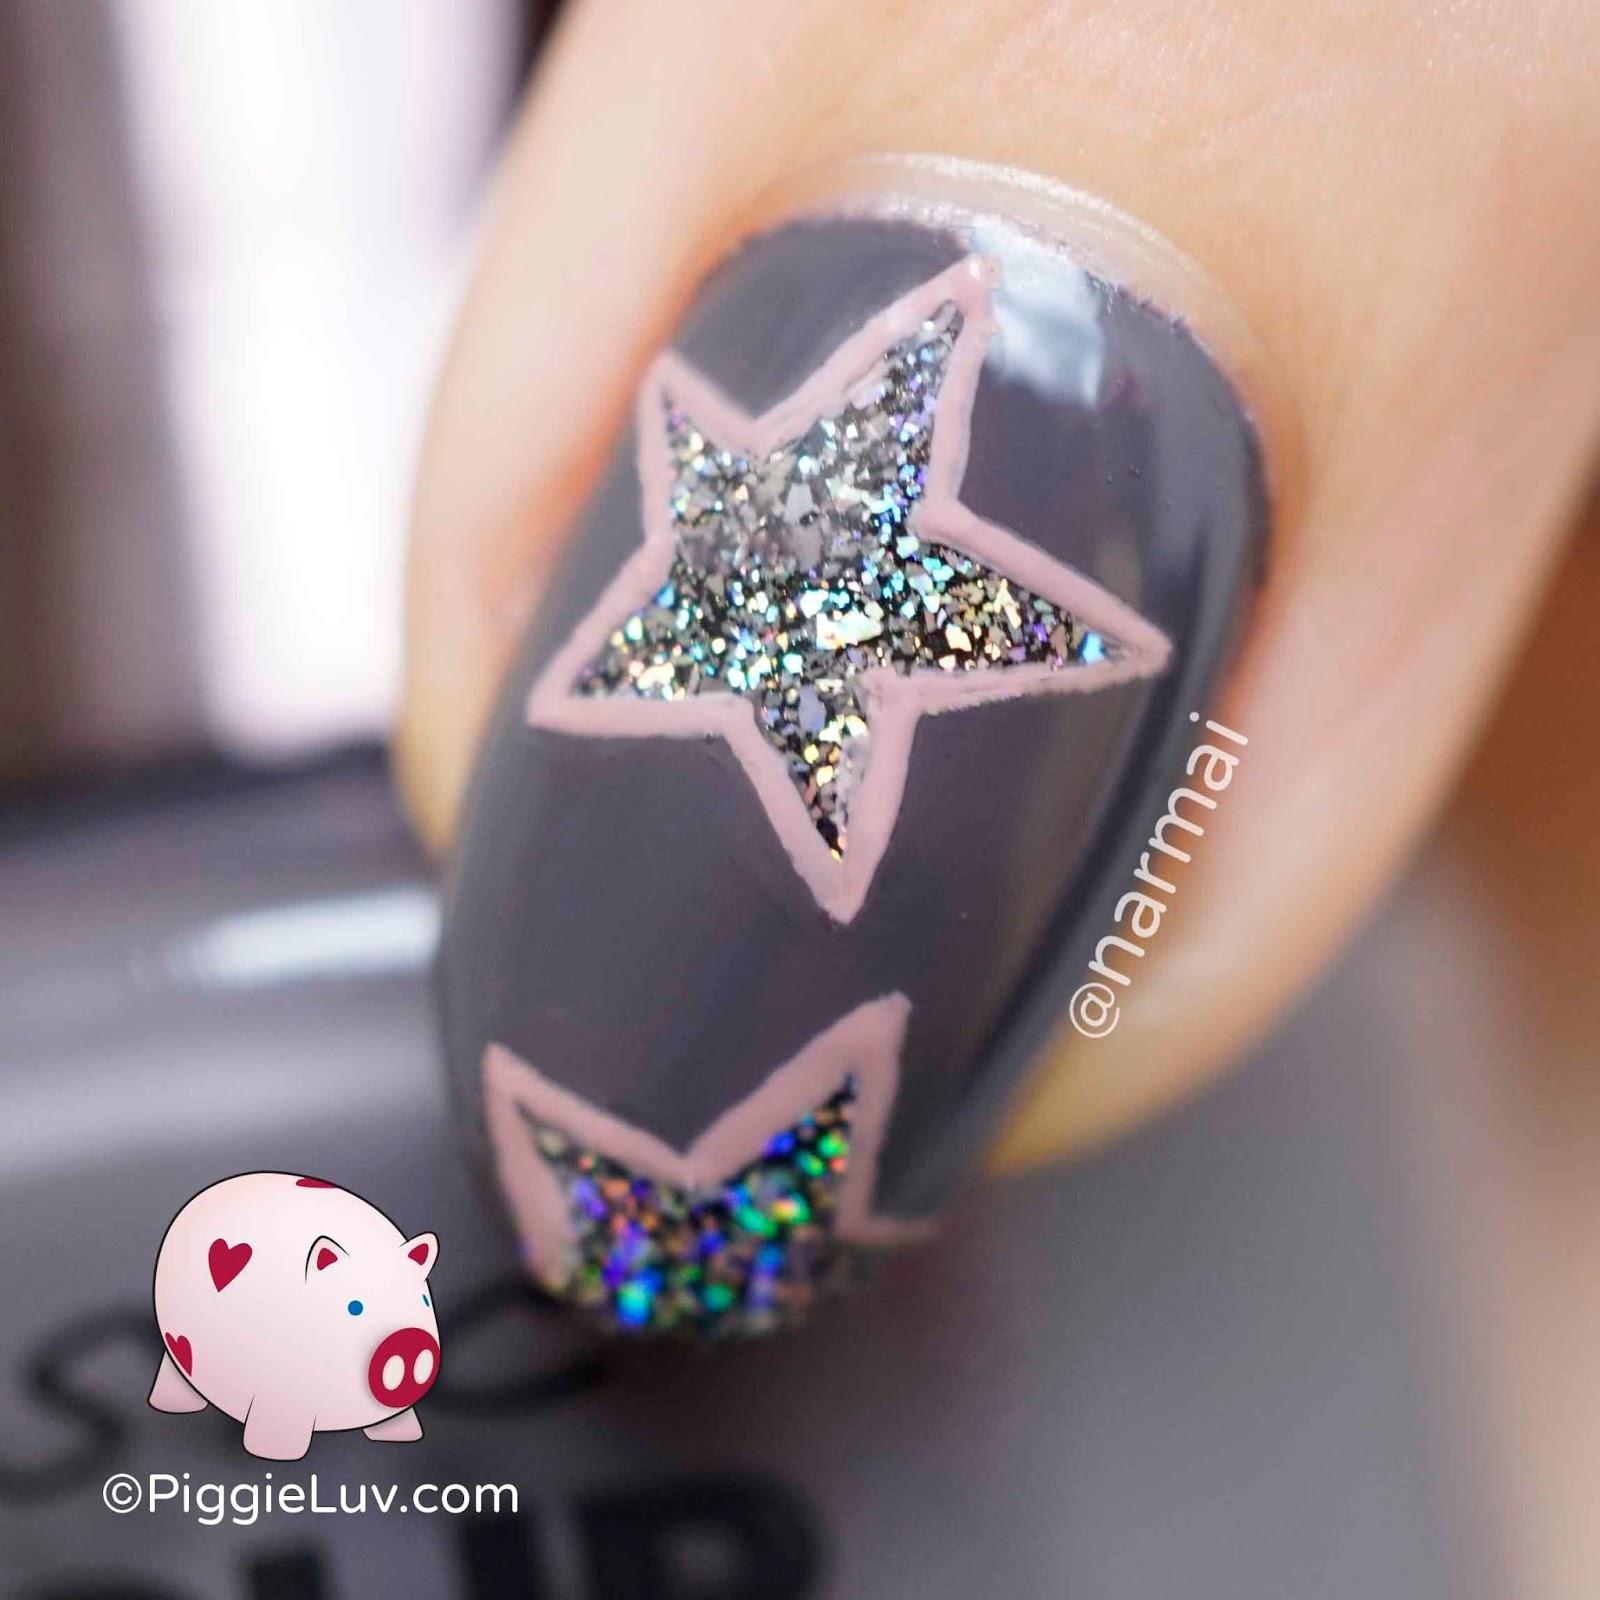 PiggieLuv: Holo stars nail art